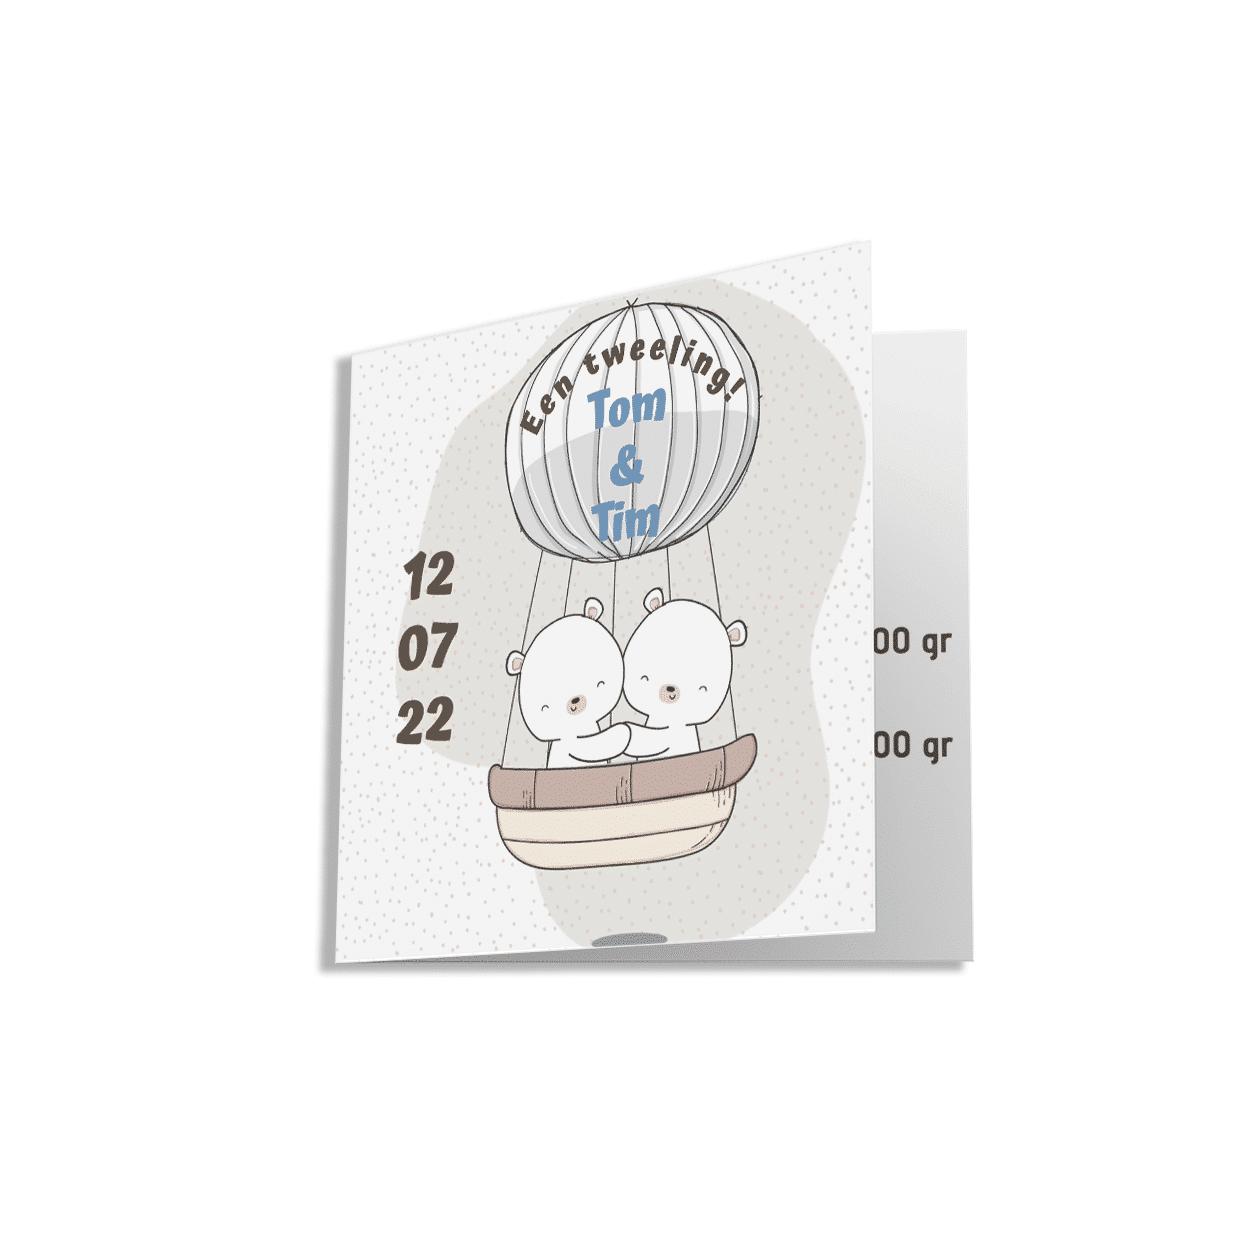 Geboortekaartje voor een tweeling met twee beertjes in een luchtballon.